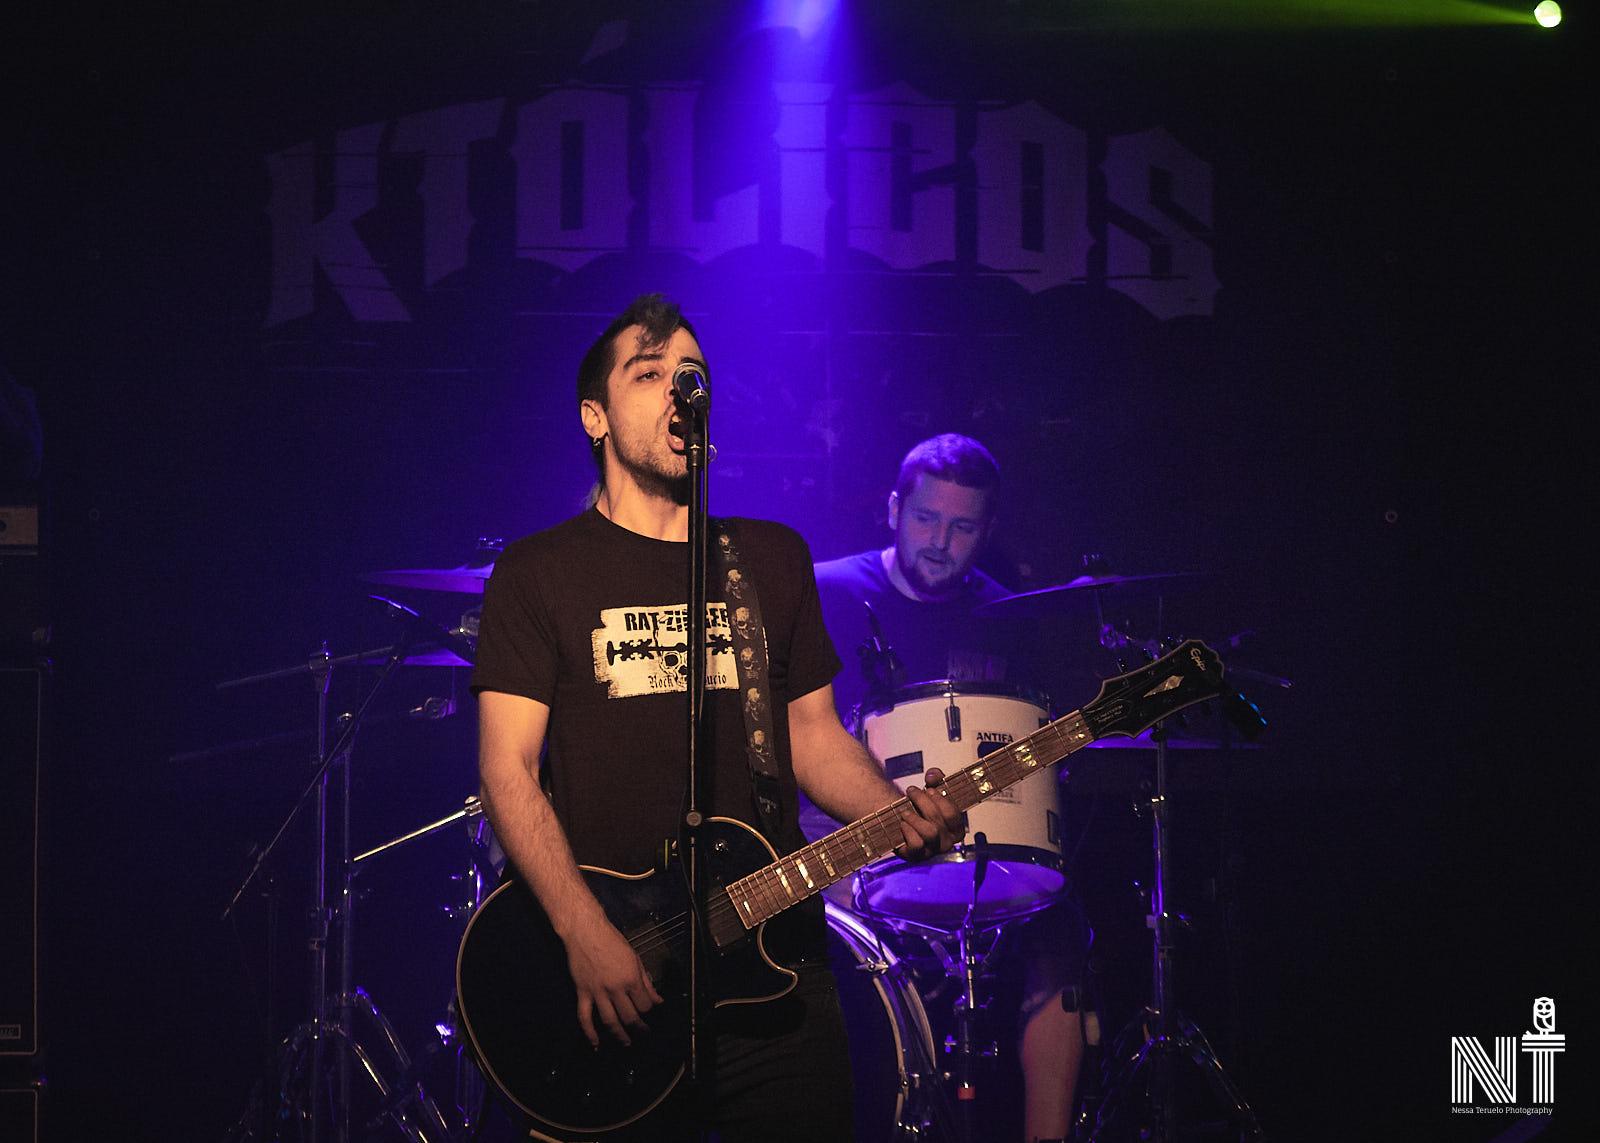 KTOLICOS_98 1.jpg